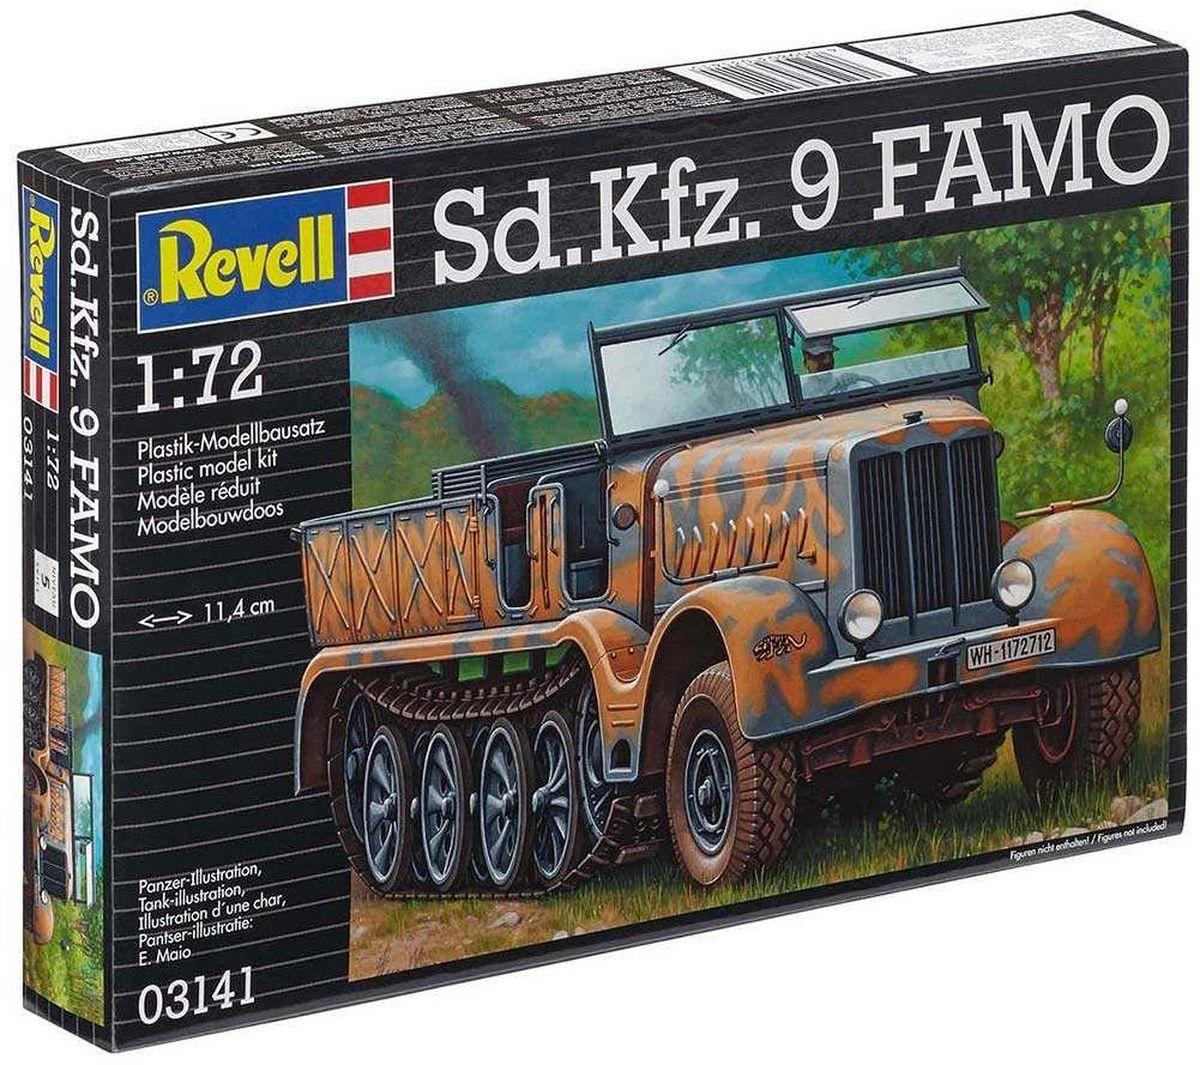 Revell Сборная модель Полугусеничный тягач Sd.Kfz. 9 FAMO03141RС помощью сборной модели Revell Полугусеничный тягач Sd.Kfz. 9 FAMO вы и ваш ребенок сможете собрать уменьшенную копию одноименной военной машины. Набор включает в себя 153 пластиковых элемента для сборки, а также схематичную инструкцию. Sd.Kfz. 9 - немецкий полугусеничный бронированный тягач времён Второй мировой войны. Являлся самой тяжёлой полугусеничной машиной выпускаемой Германией в тот период. В основном применялся для транспортировки орудий, в числе которых входила 240-мм гаубица Kanone 3, и для ремонта машин. Всего за войну было выпущено около 2 с половиной тысяч Sd.Kfz.9. Процесс сборки развивает интеллектуальные и инструментальные способности, воображение и конструктивное мышление, а также прививает практические навыки работы со схемами и чертежами. Уровень сложности: 5. УВАЖАЕМЫЕ КЛИЕНТЫ! Обращаем ваше внимание на тот факт, что элементы для сборки не покрашены. Клей и краски в комплект не входят.